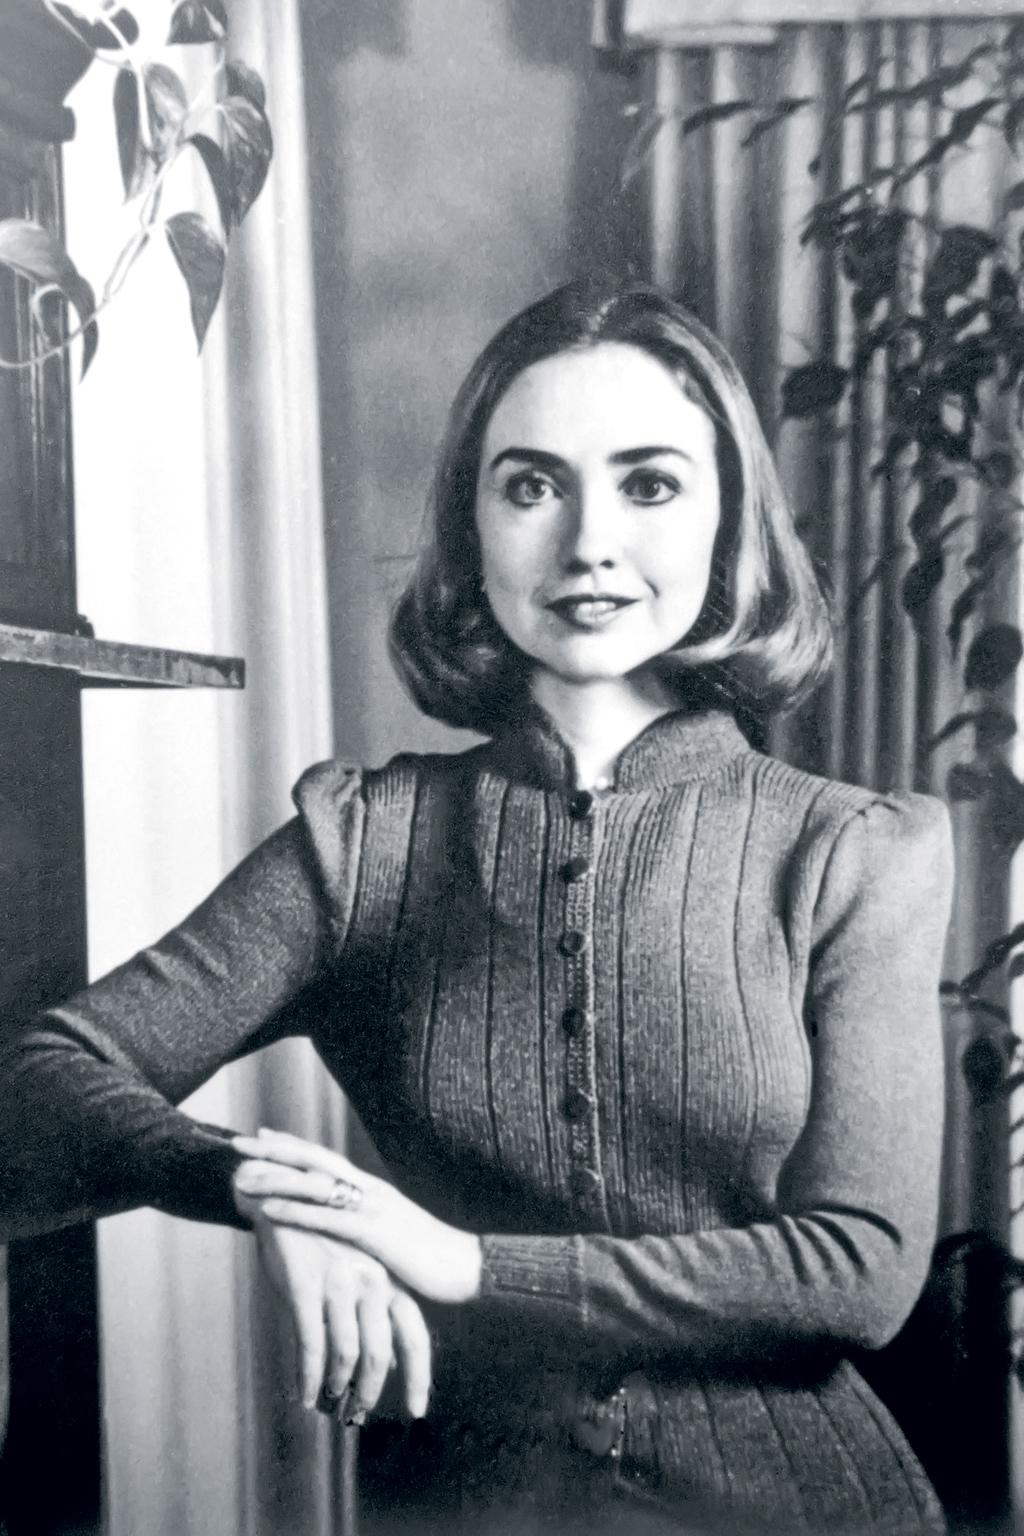 семья молодая хиллари клинтон фото кошмал софия стеценко